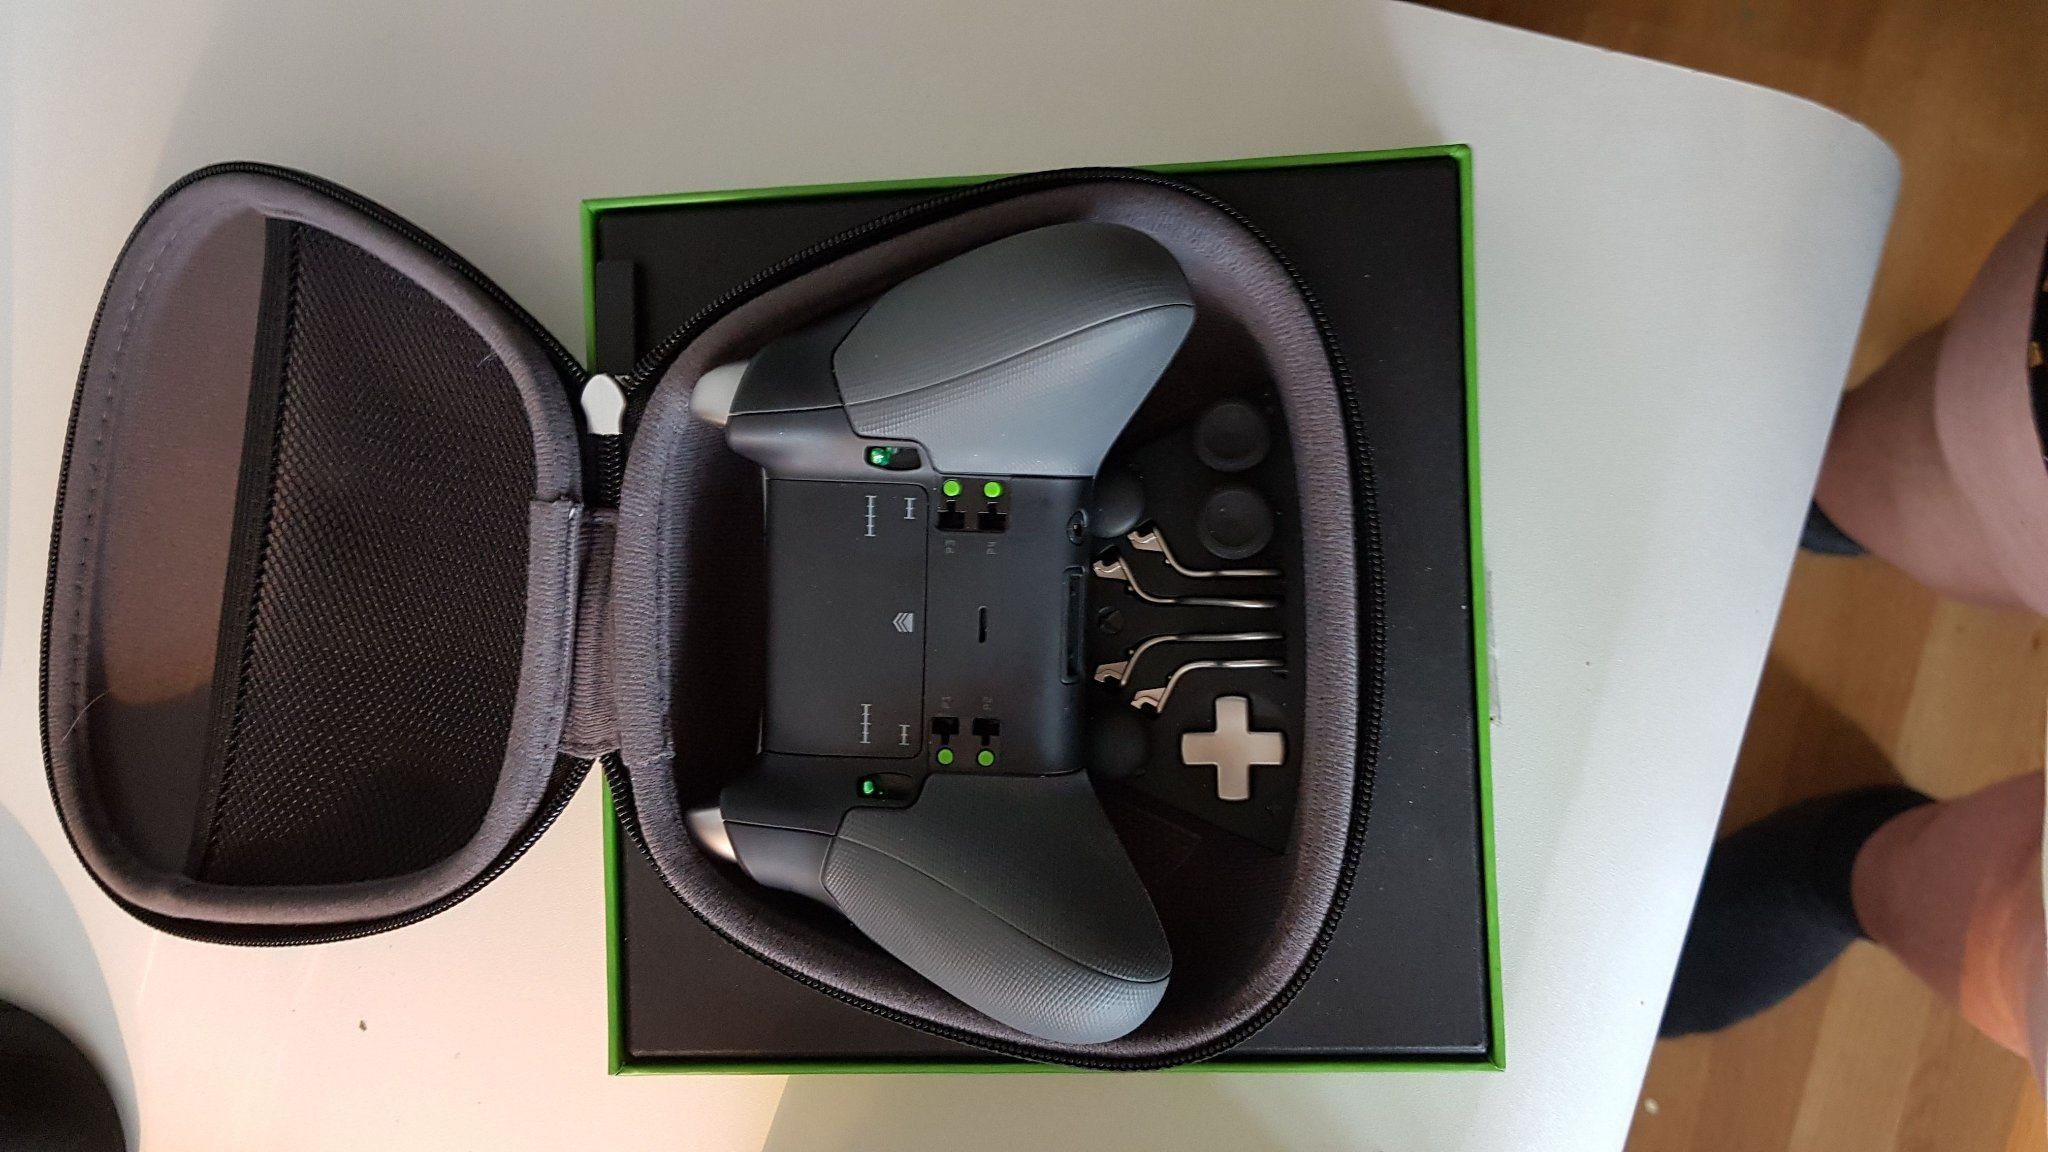 b2aab51fe5f Xbox kontroller (343733301) ᐈ Köp på Tradera